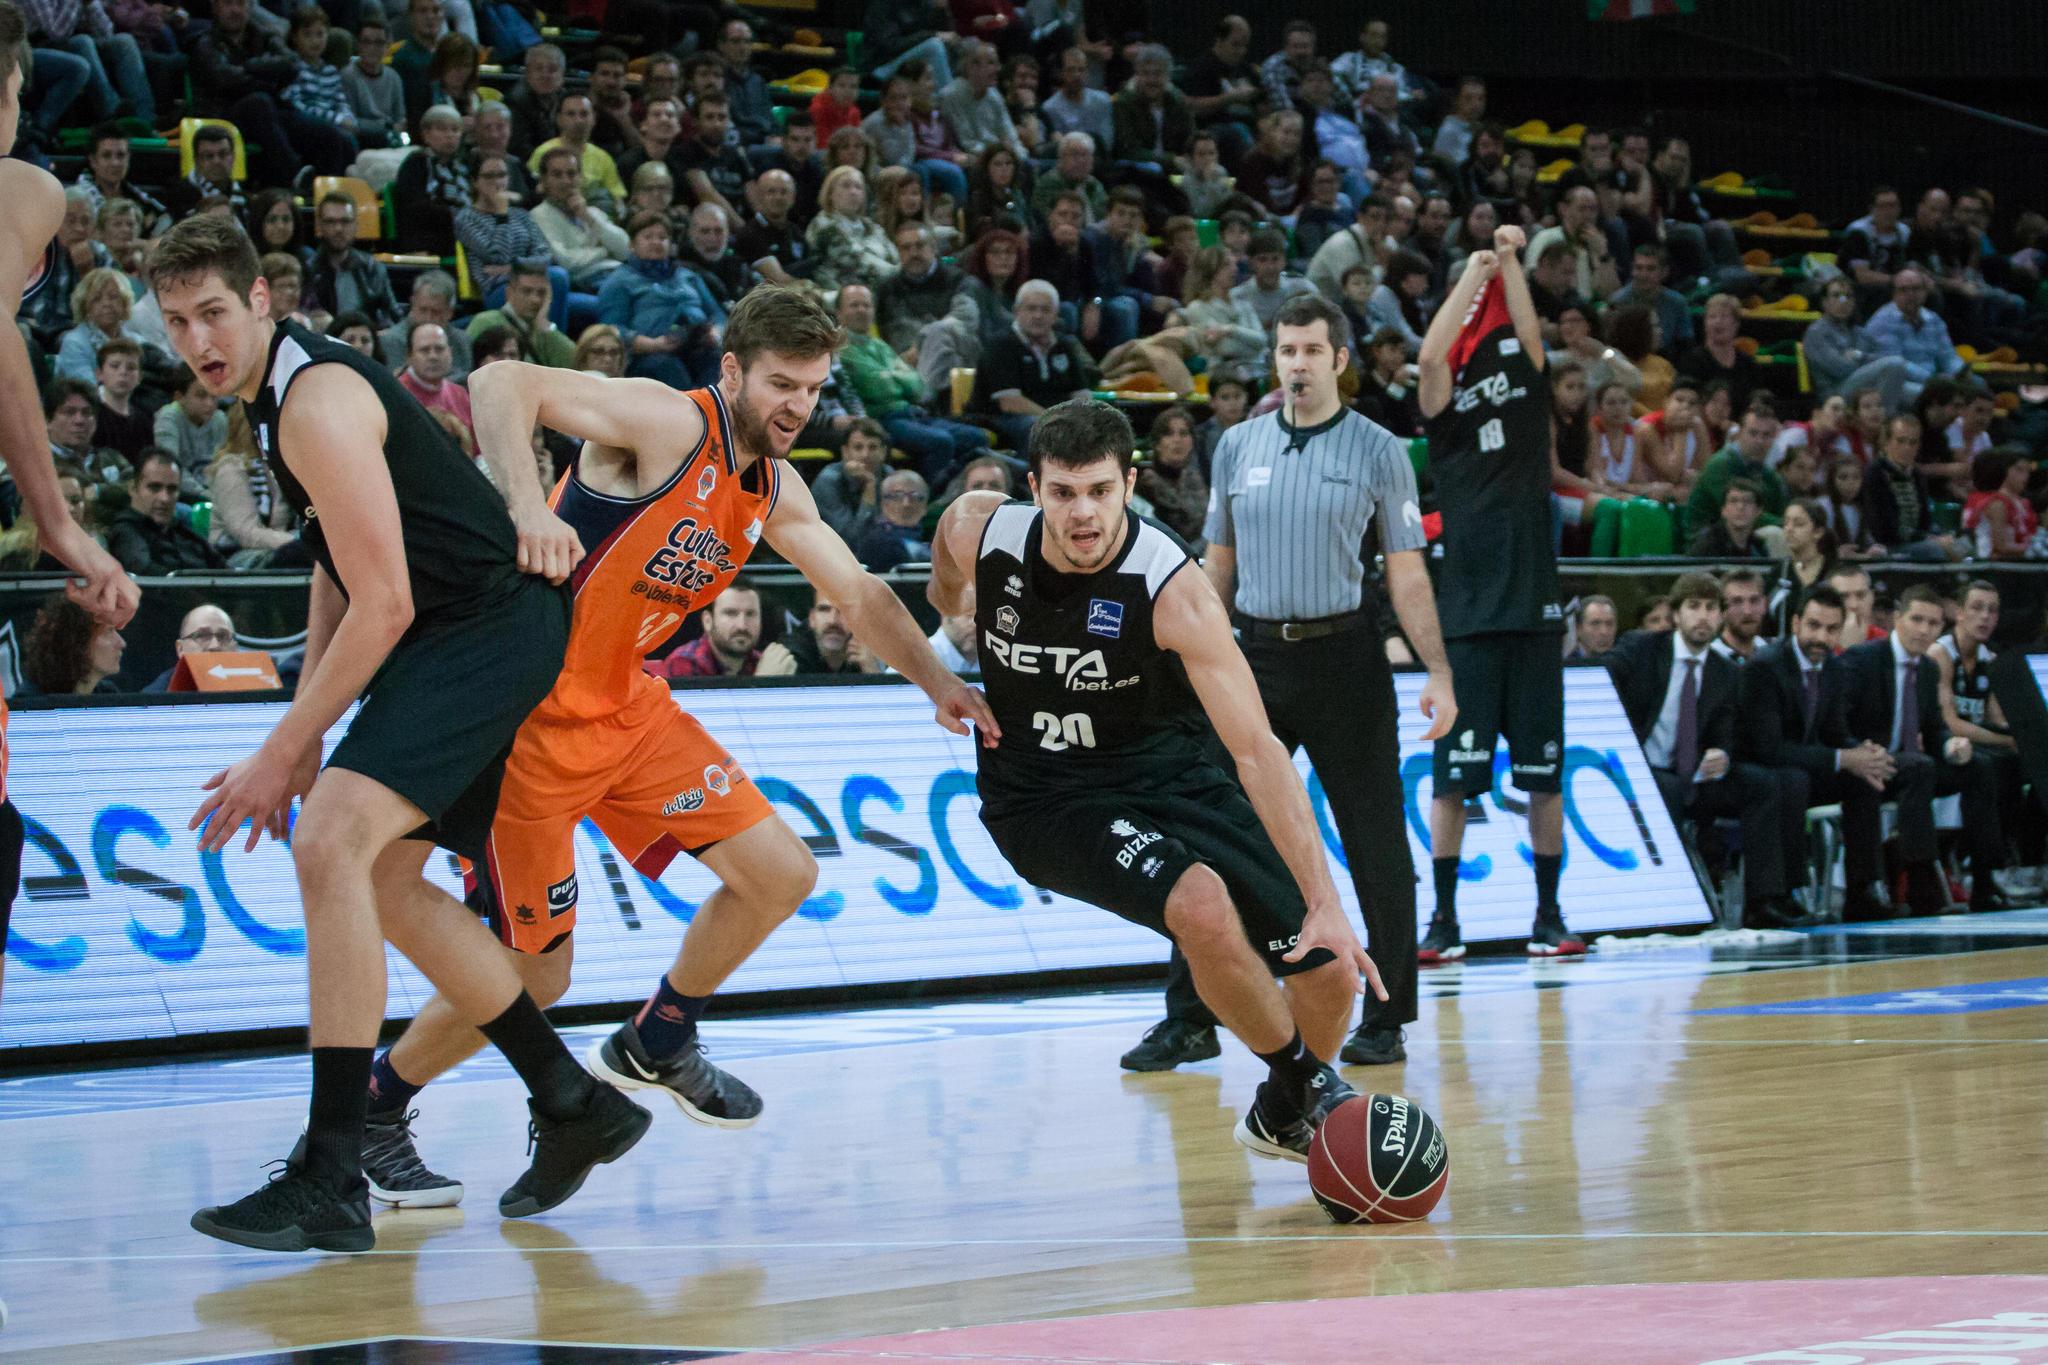 Dejan Todorovic avanza hacia la canasta rival (Foto: Luis Fernando Boo).